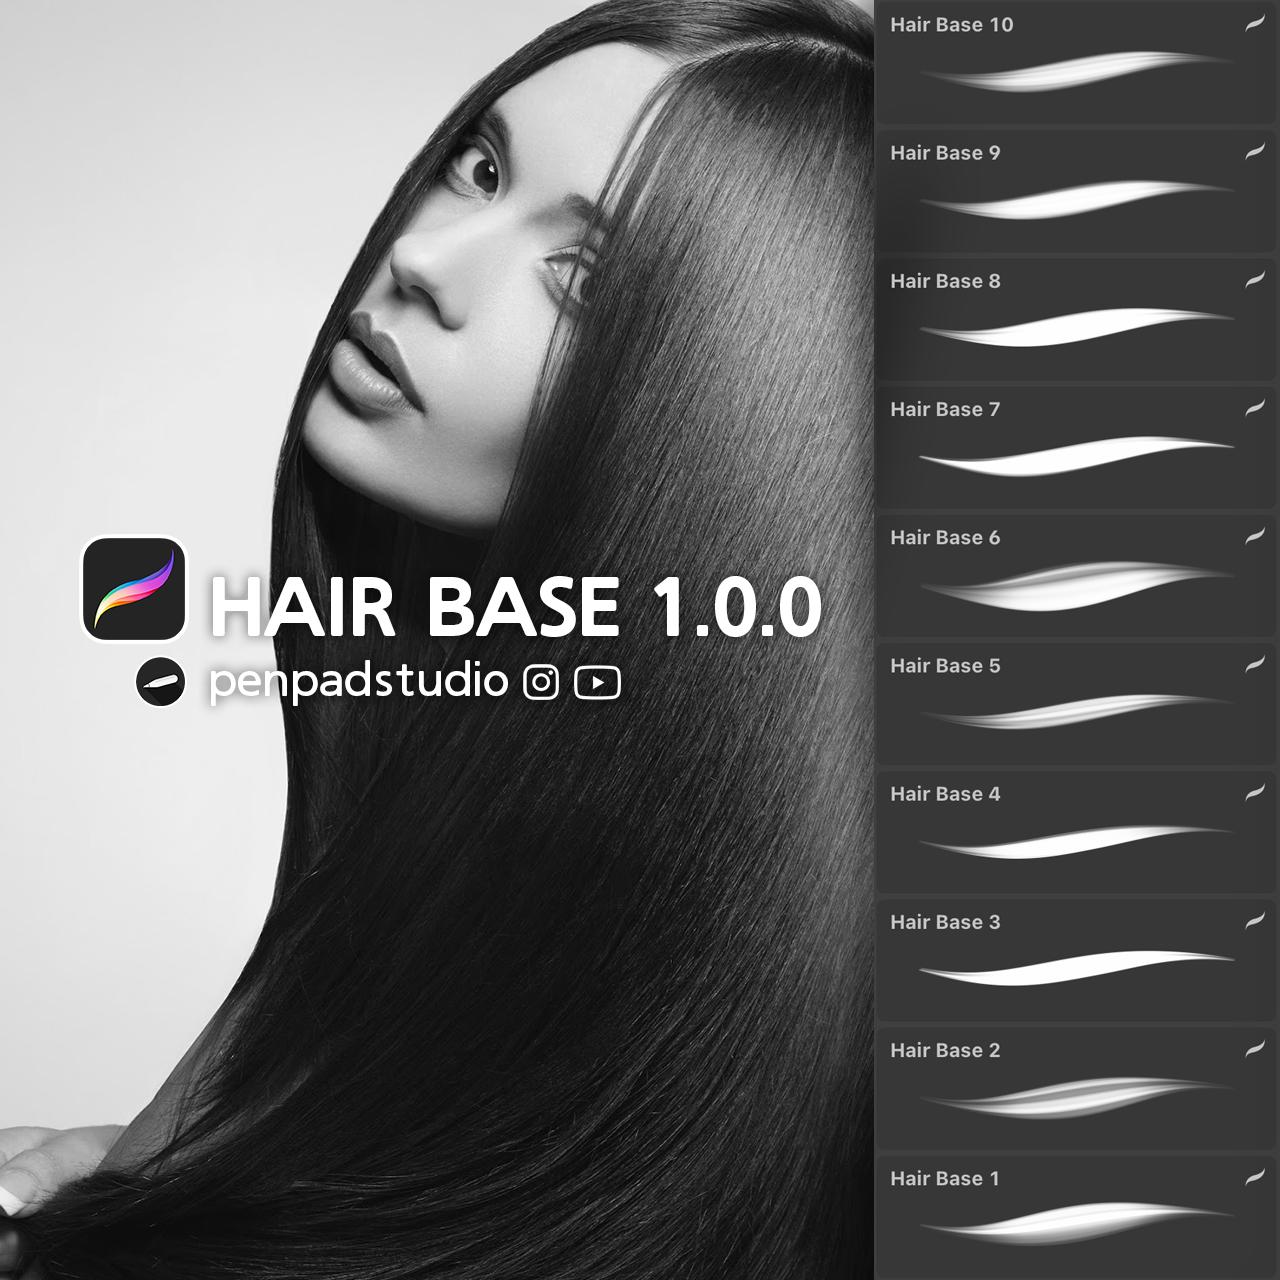 FREE Procreate Brushes - HAIR BASE 1.0.0